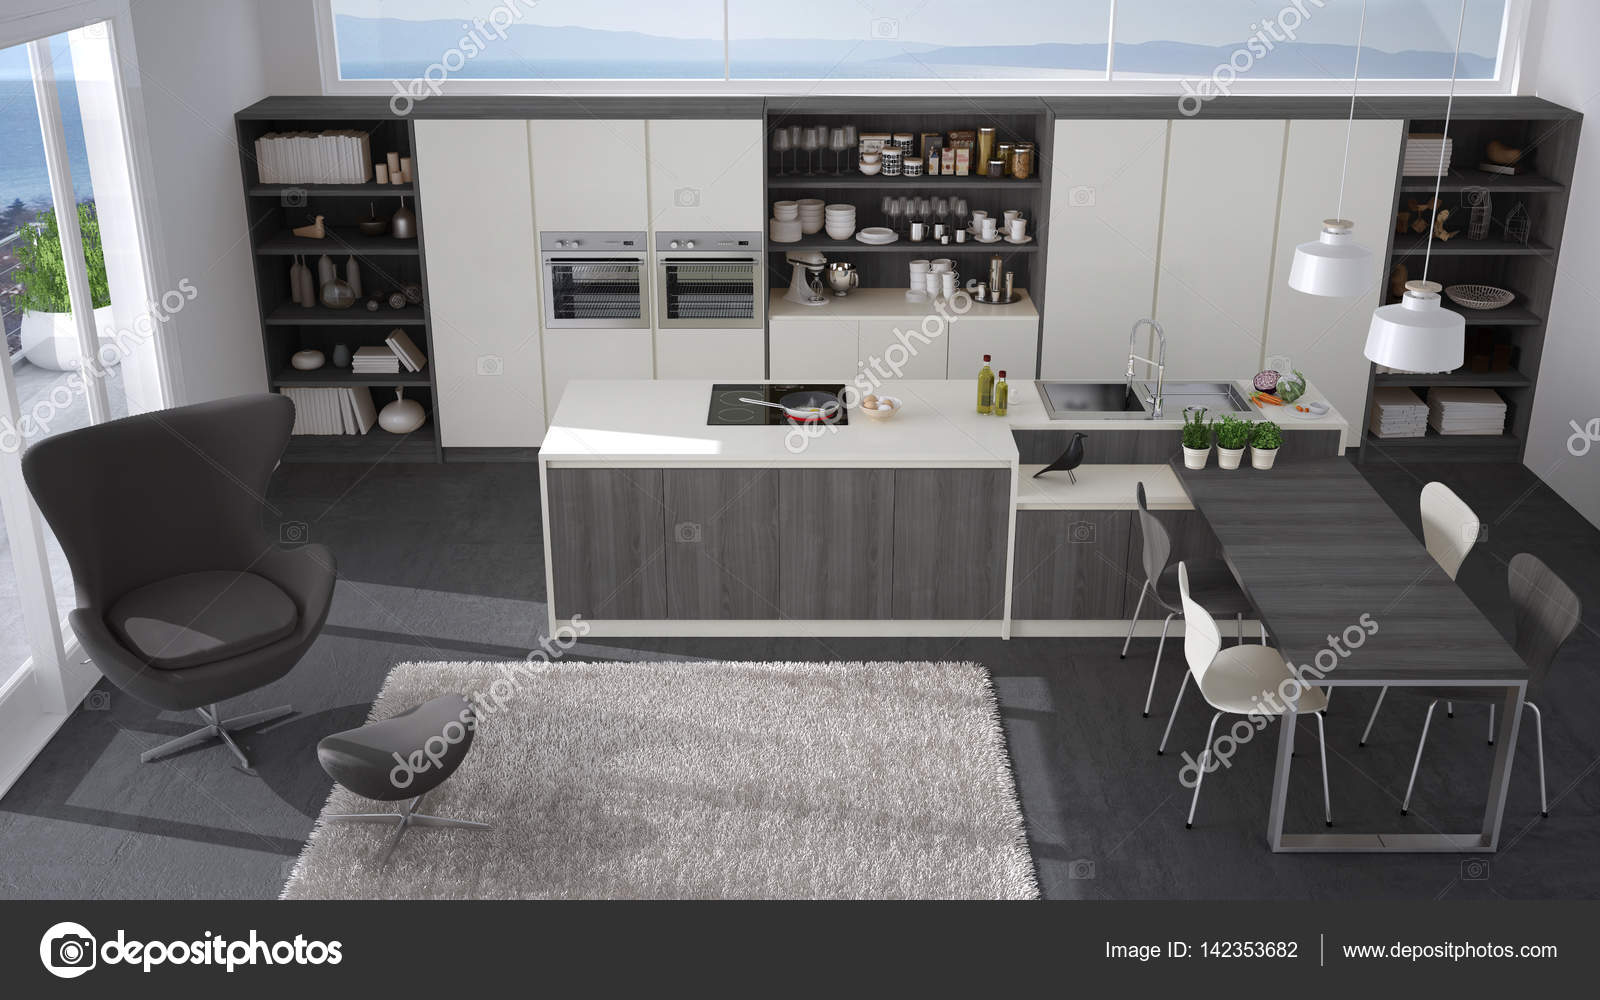 Cucina moderna bianca e grigia con dettagli in legno grande finestra wi foto stock archiviz - Cucina bianca e legno ...